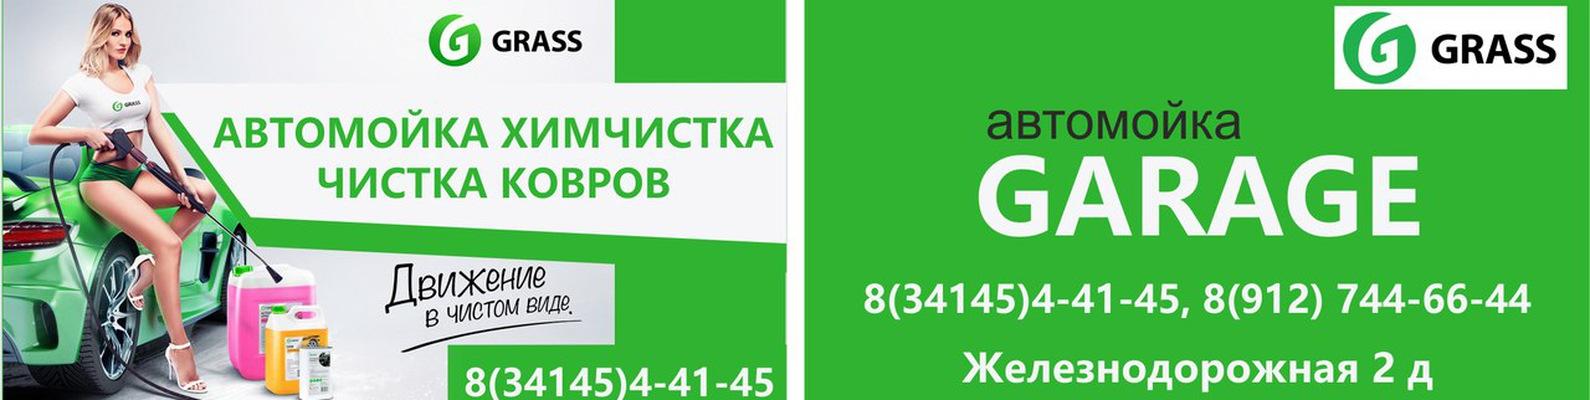 Автомойка гараж телефон купить бу гараж железный в новосибирске